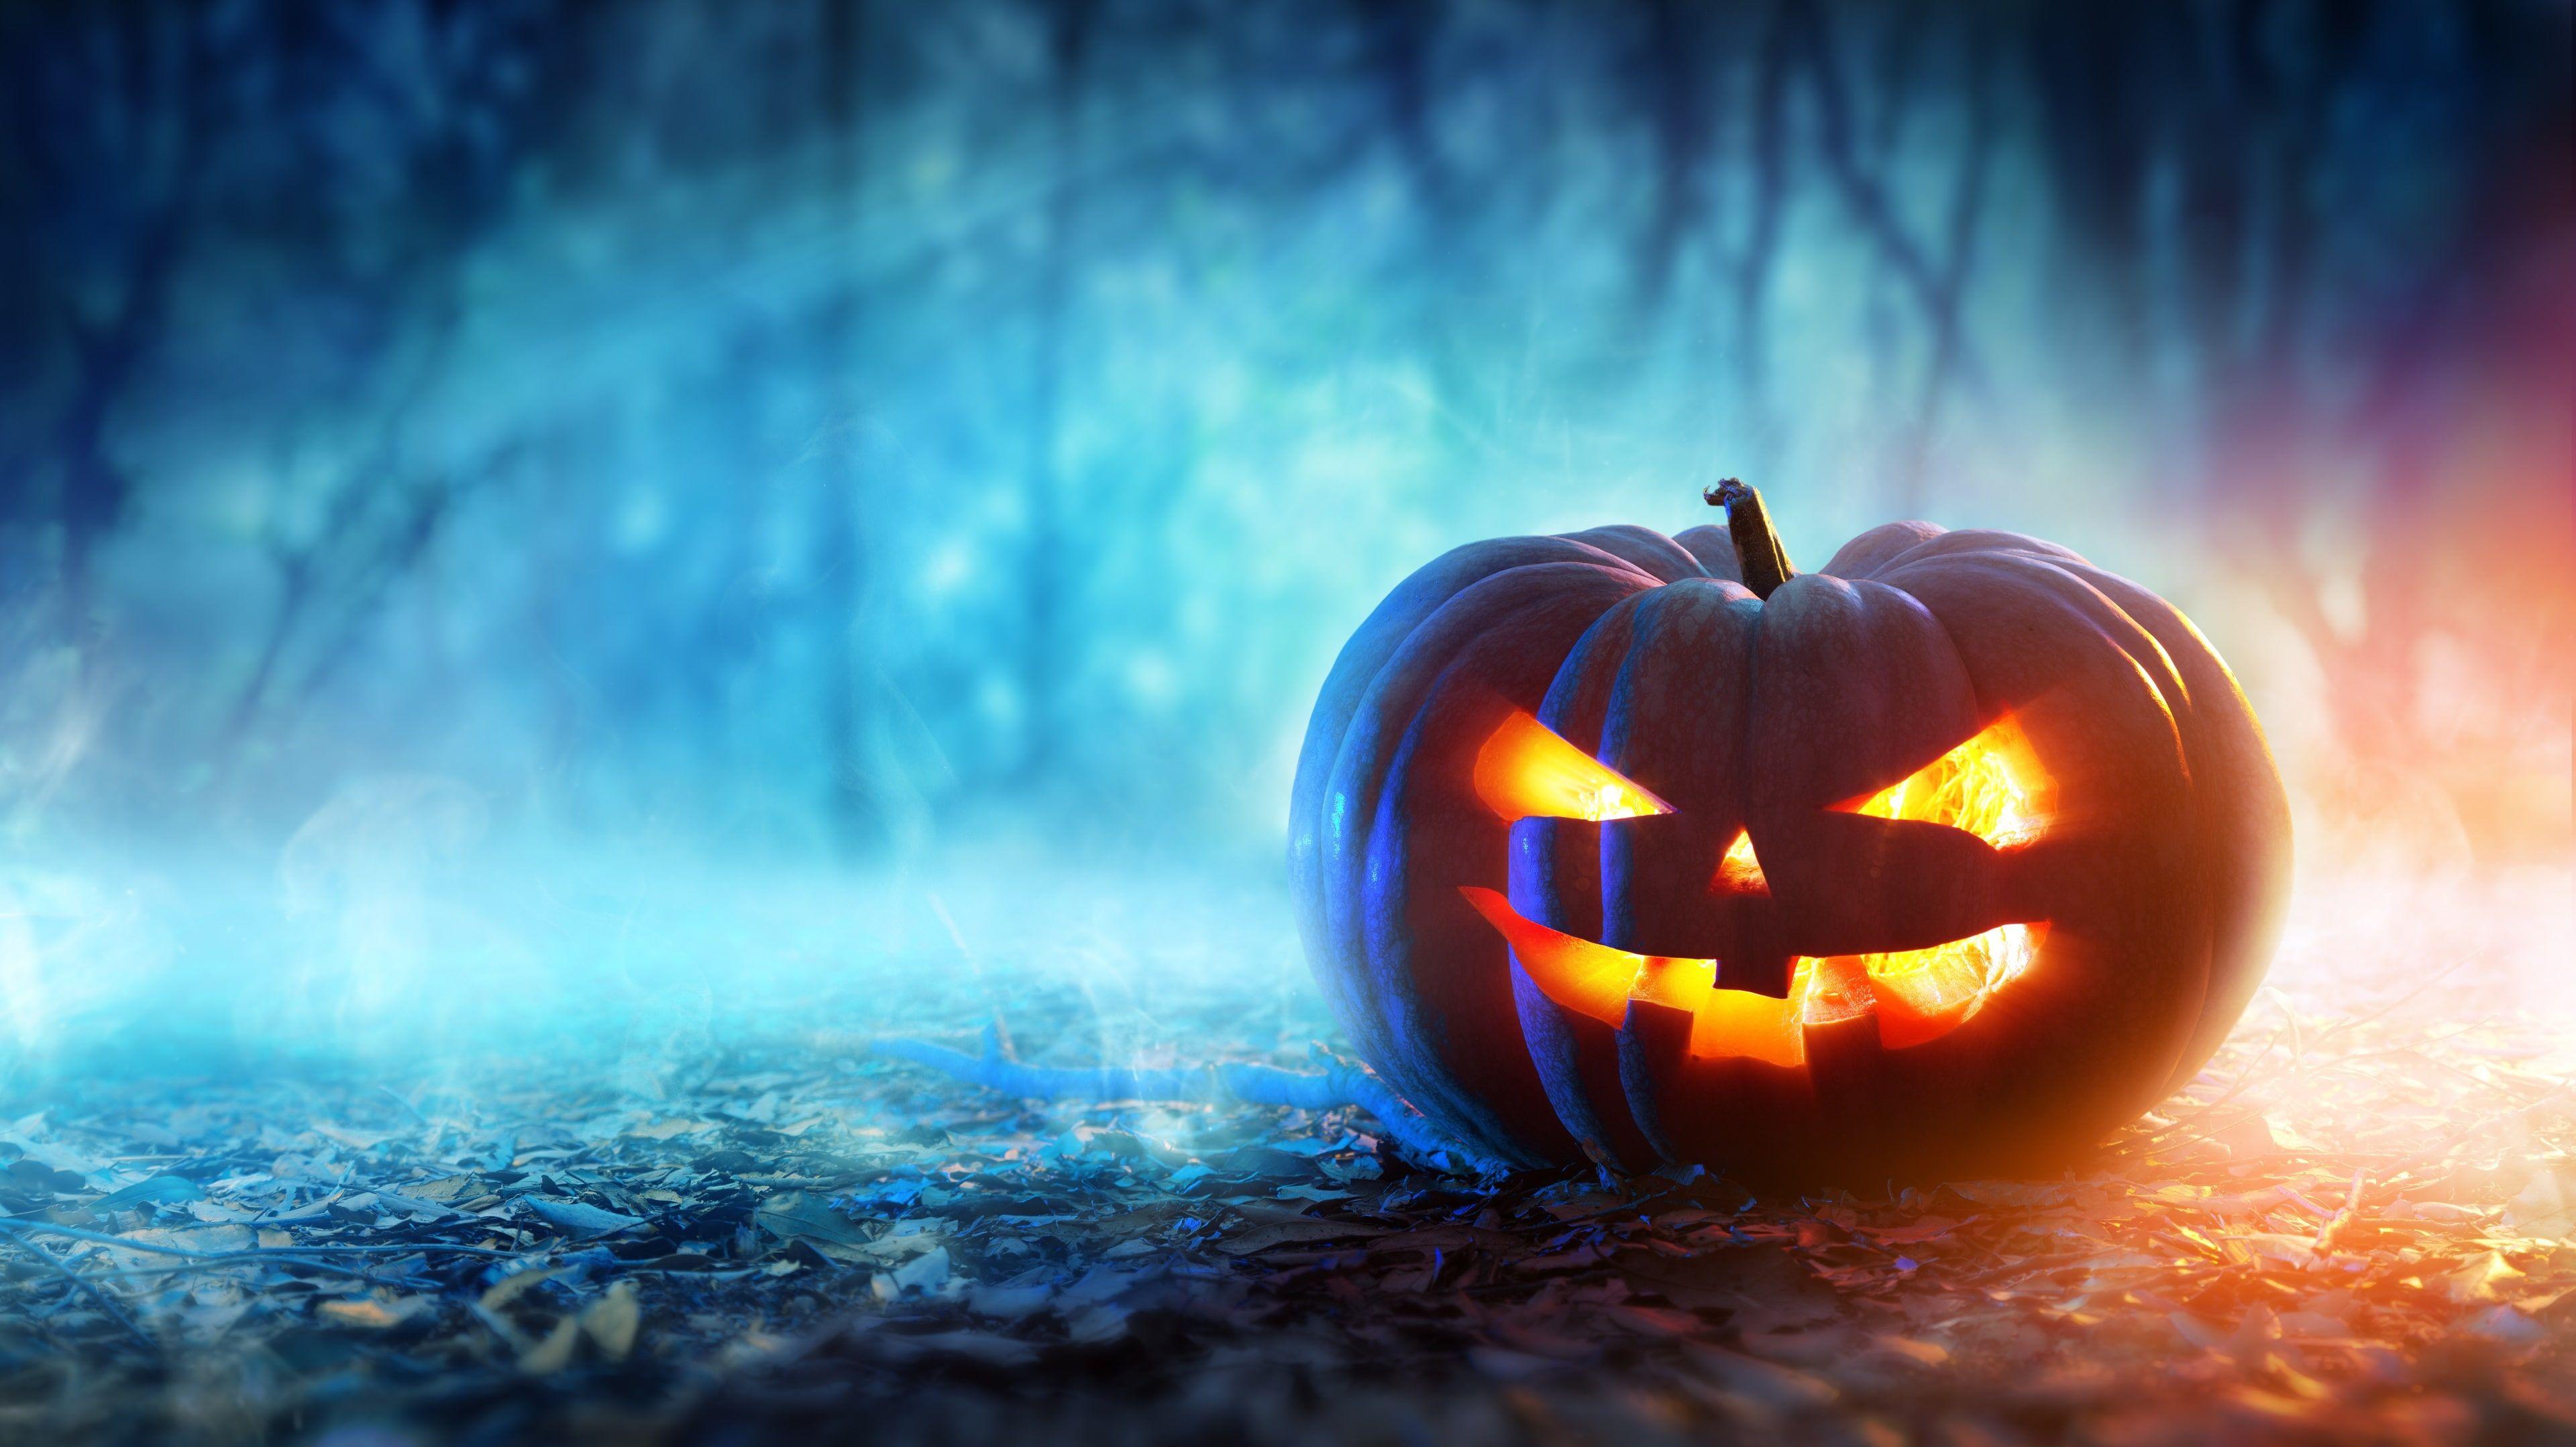 Halloween 4k Macbook Hd 4k Wallpaper Hdwallpaper Desktop Halloween Facts Halloween Coloring Pictures Happy Halloween Pictures